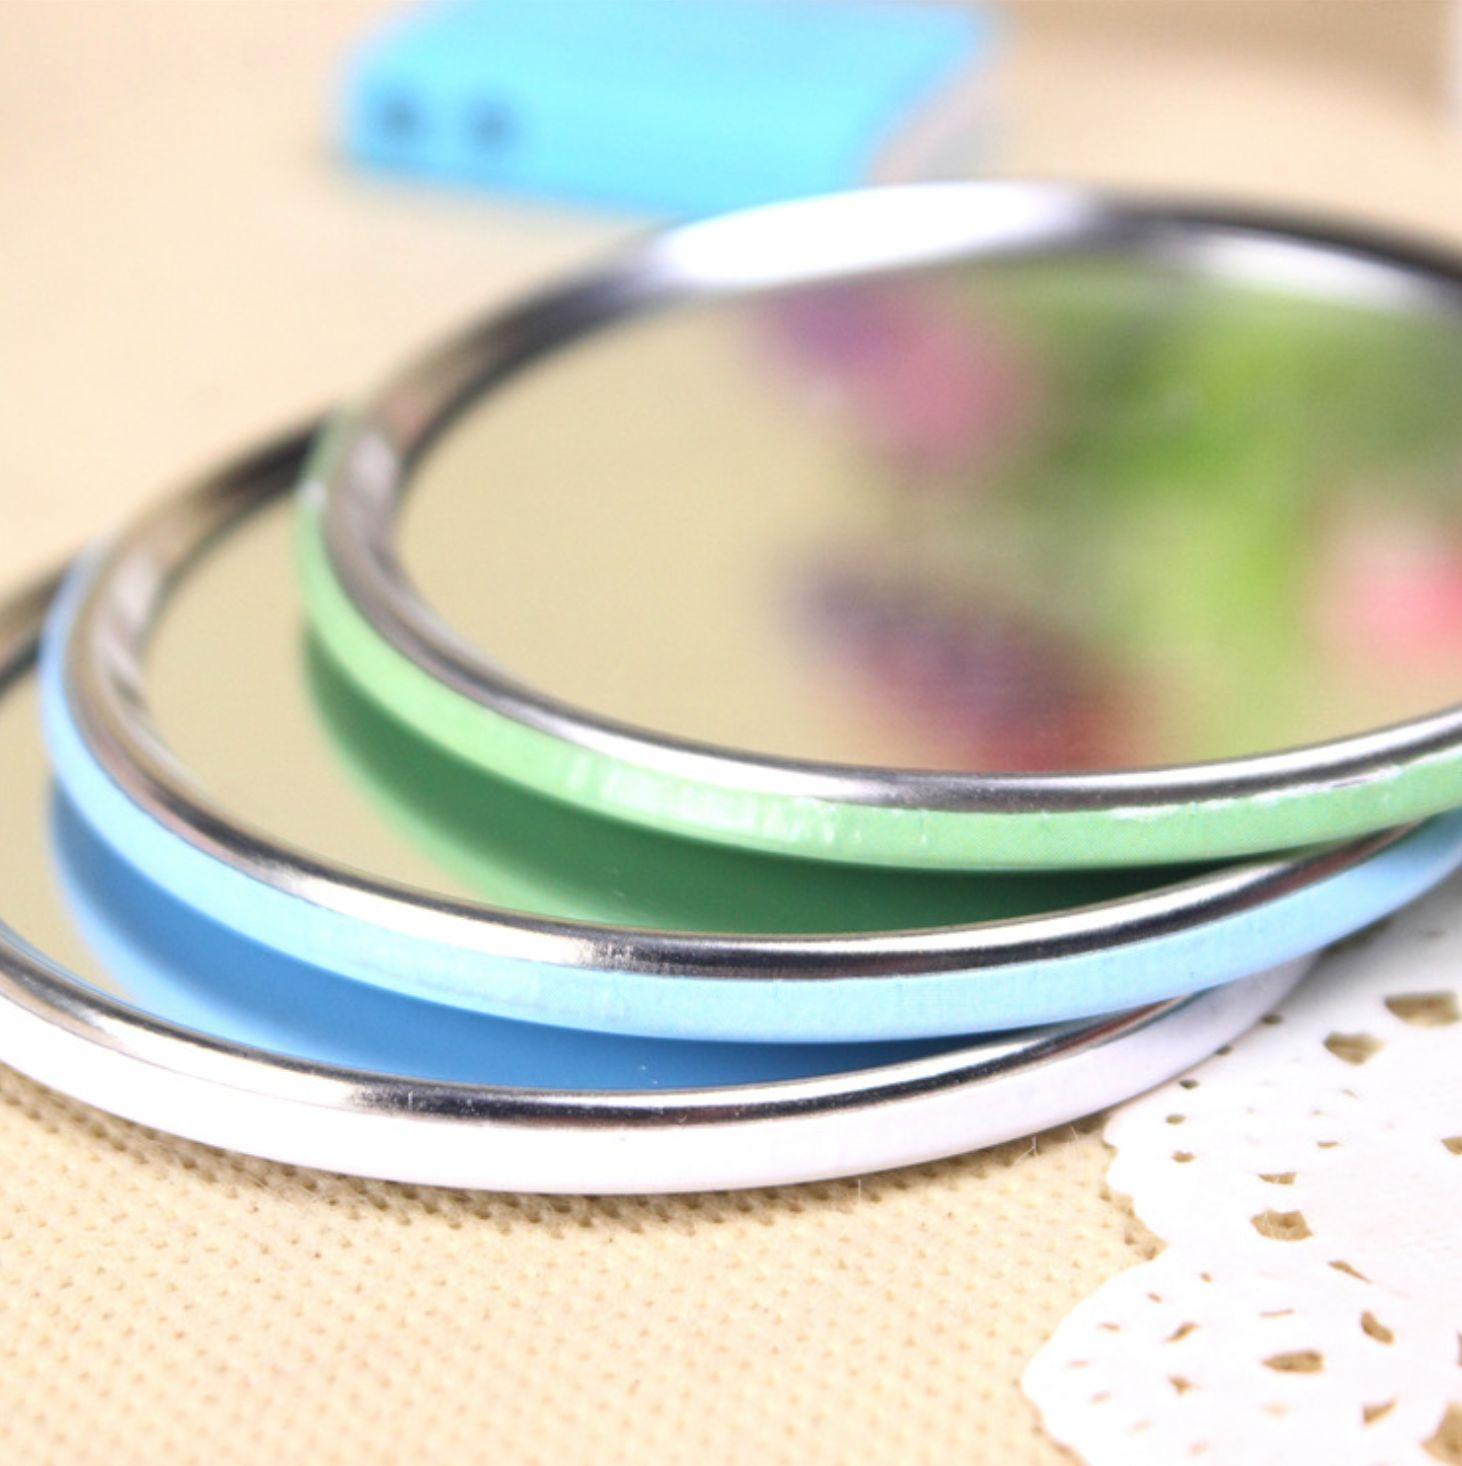 Gương trang điểm Hình Cô Gái bằng thép không ghỉ tiện dụng